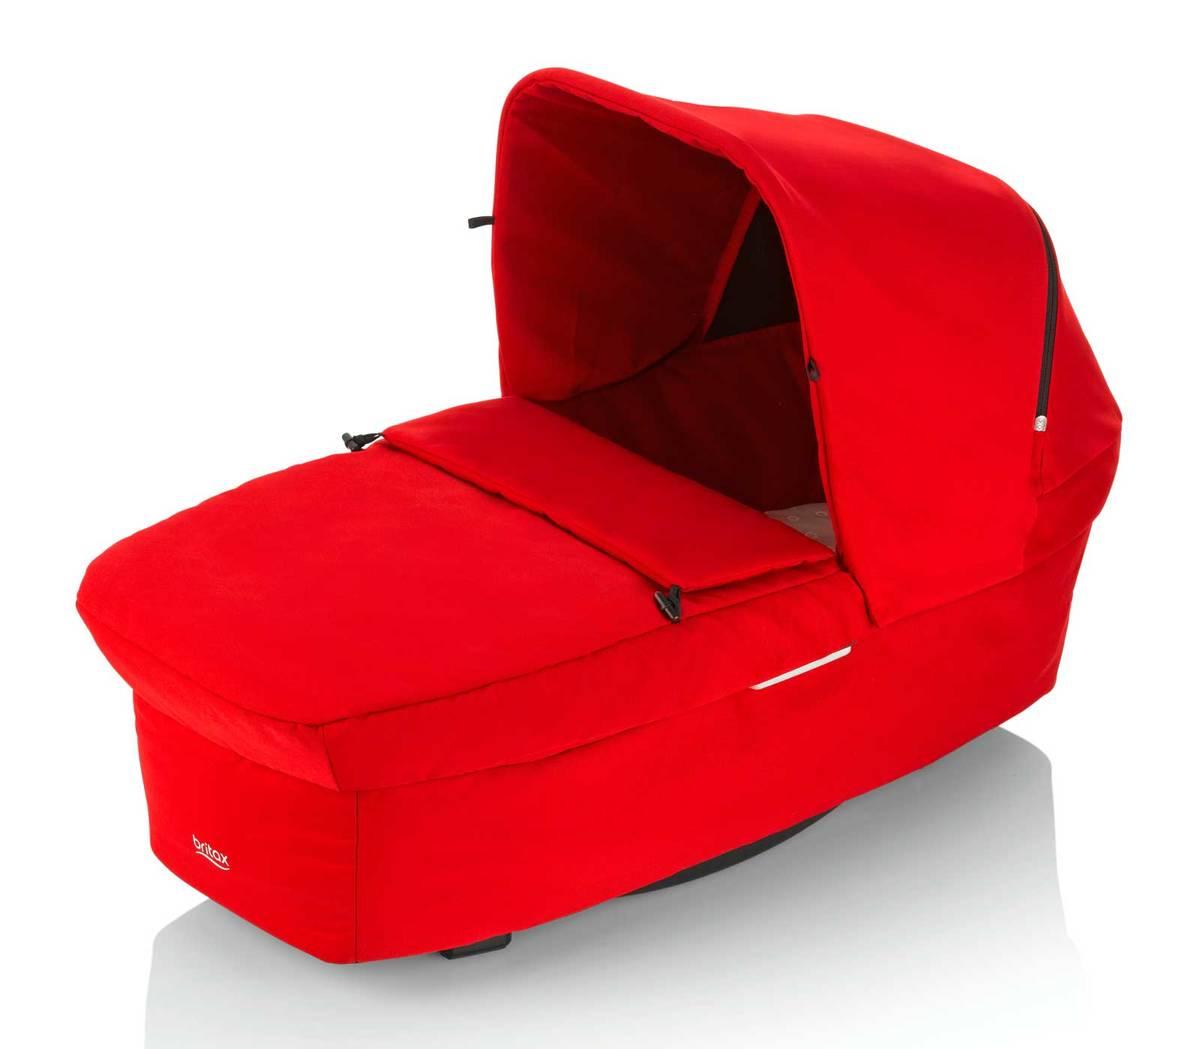 Flame Red - Vaunukopat - 4000984101 - 5